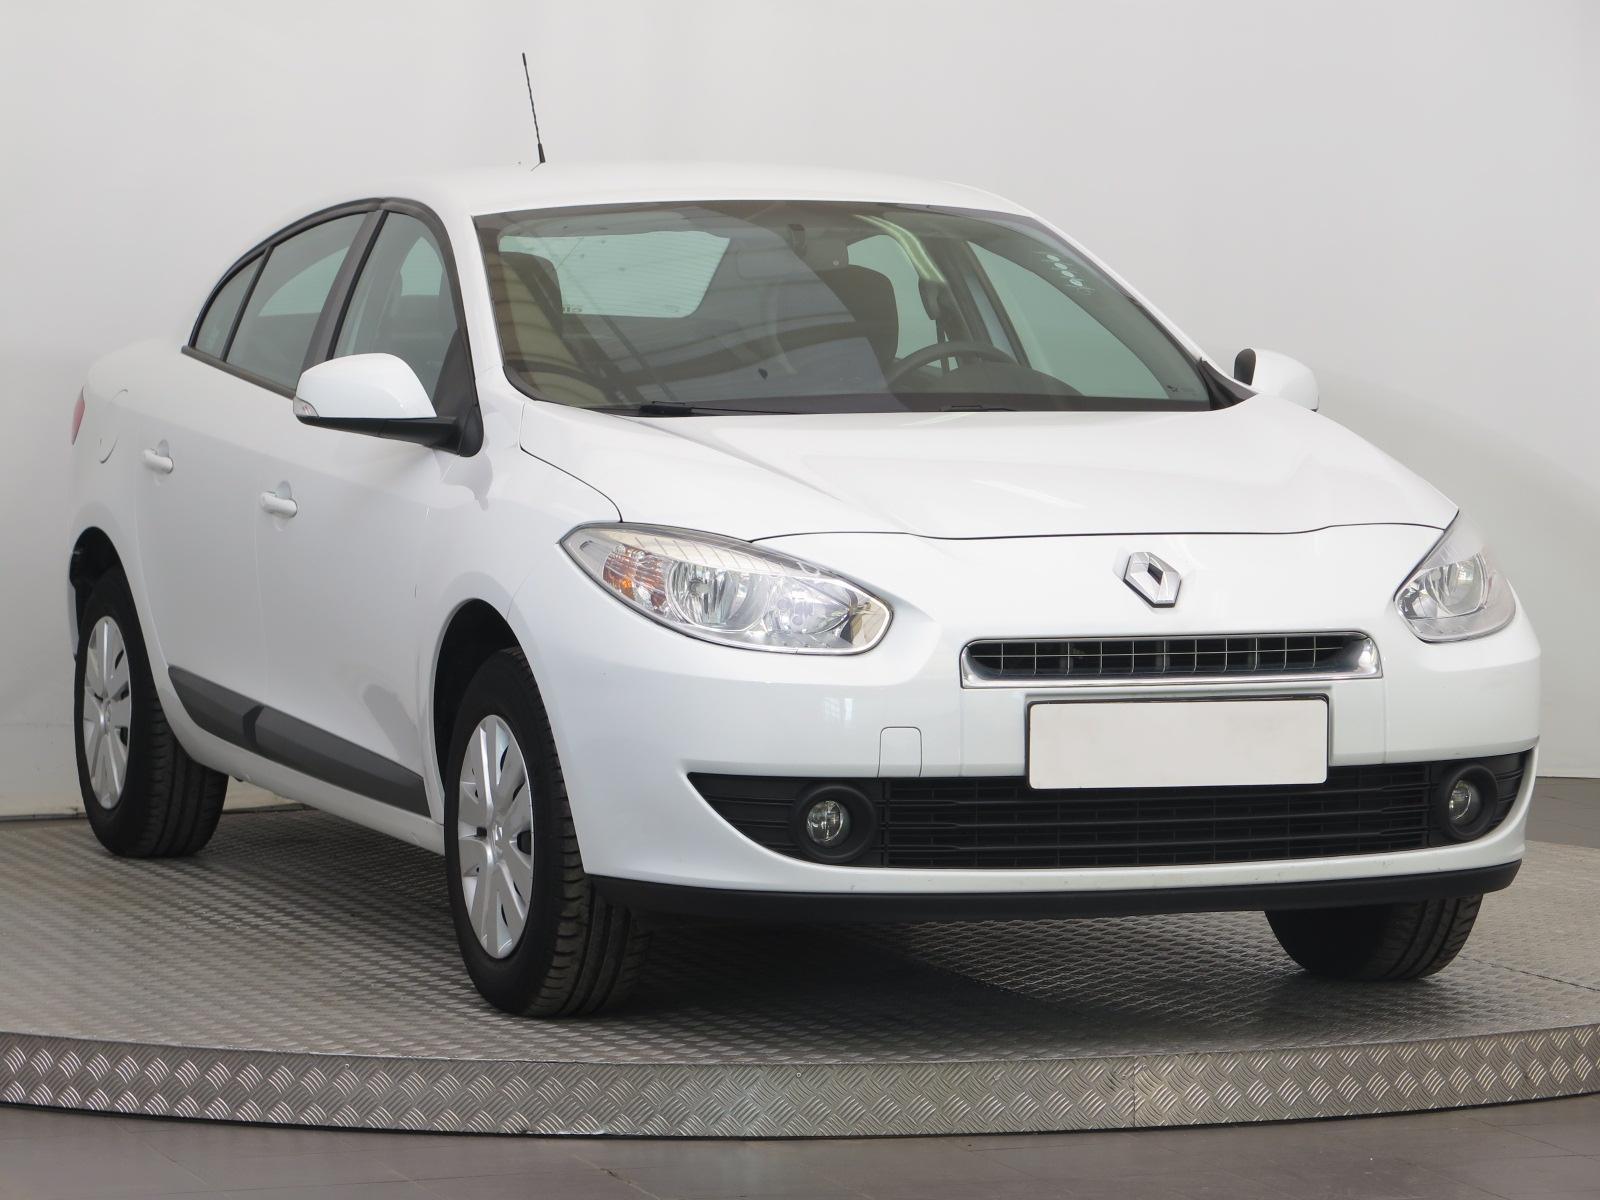 Renault Fluence 1.6 16V 82kW sedan benzin